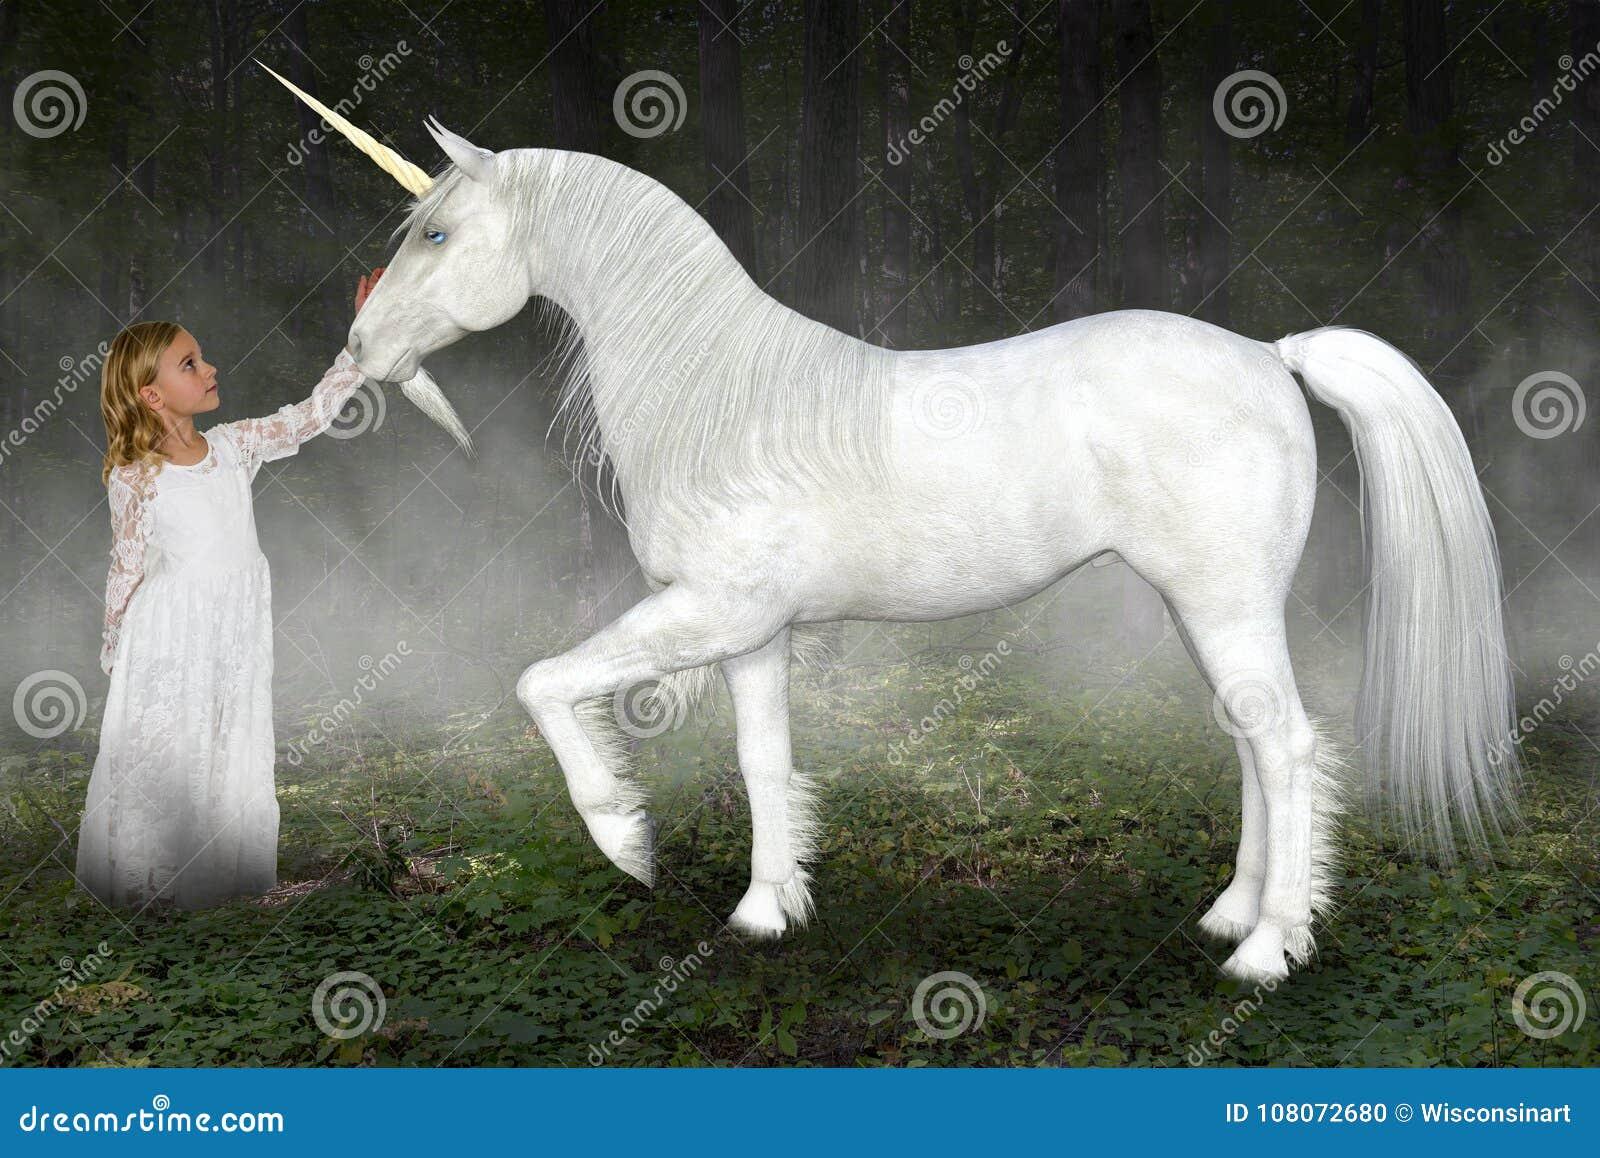 Ragazza, unicorno, natura, speranza, amore, pace